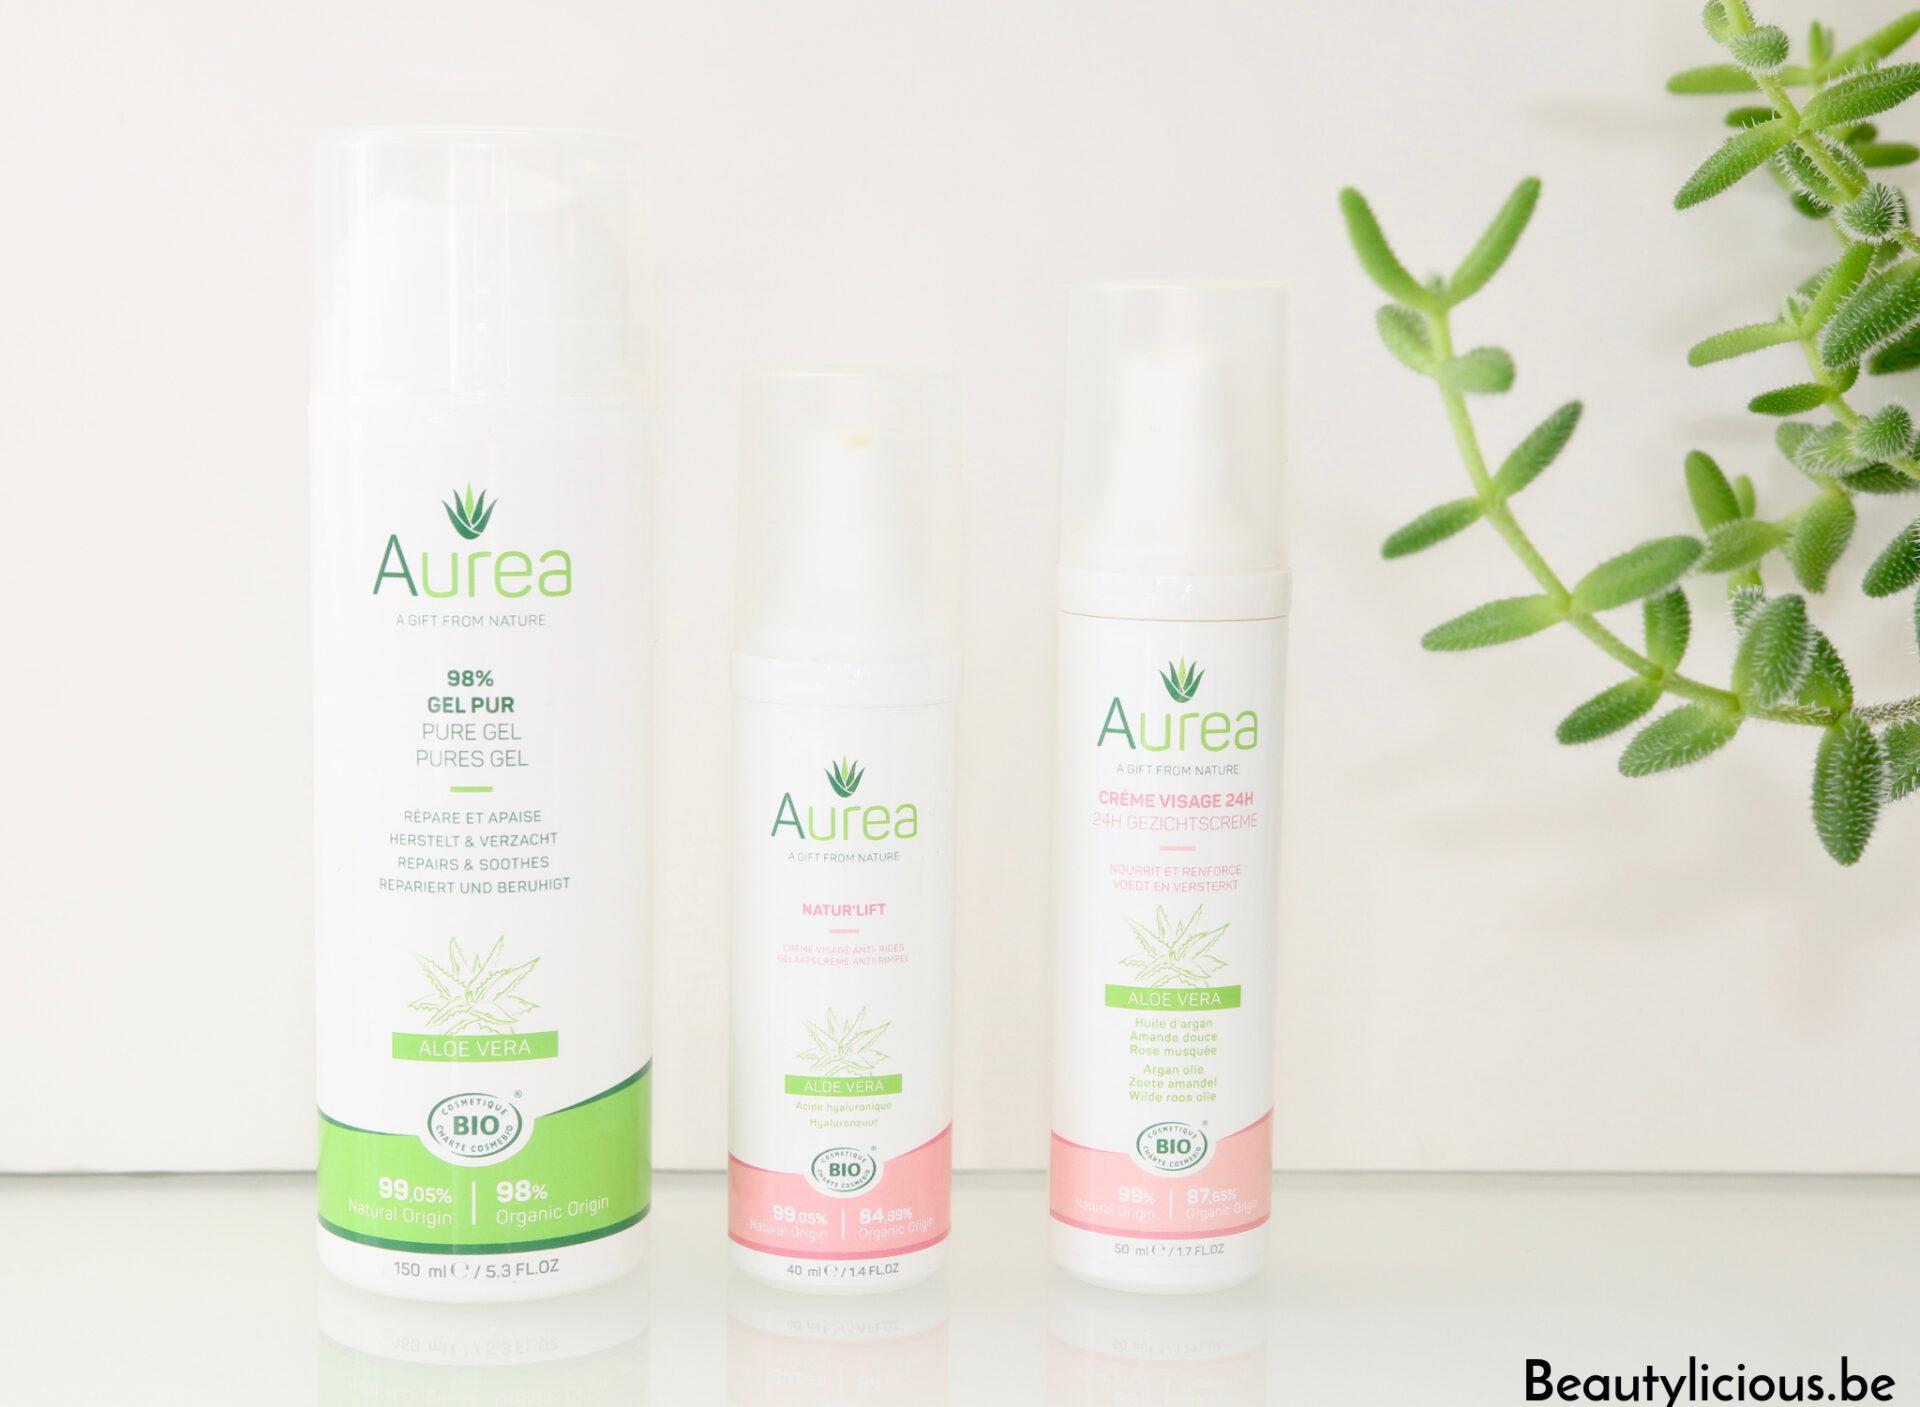 Routine visage avec Auréa, marque belge de cosmétiques bio, naturels et vegan